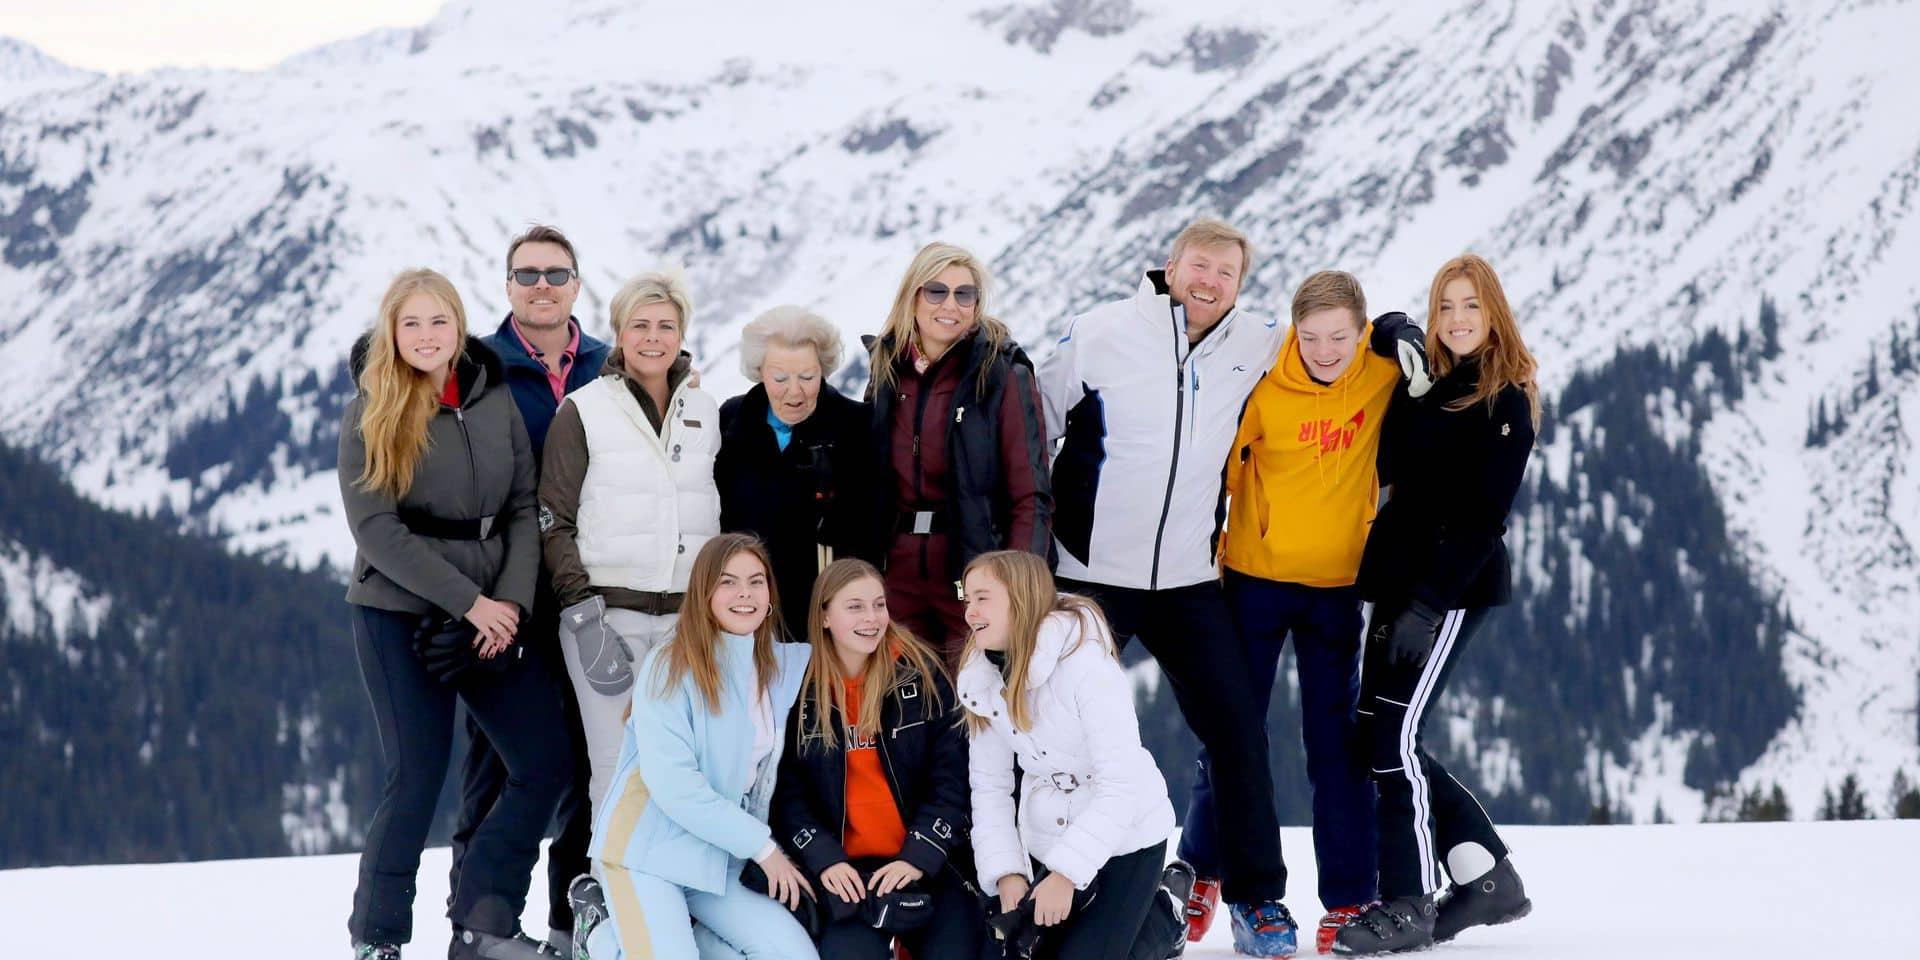 La famille royale hollandaise en famille, au ski